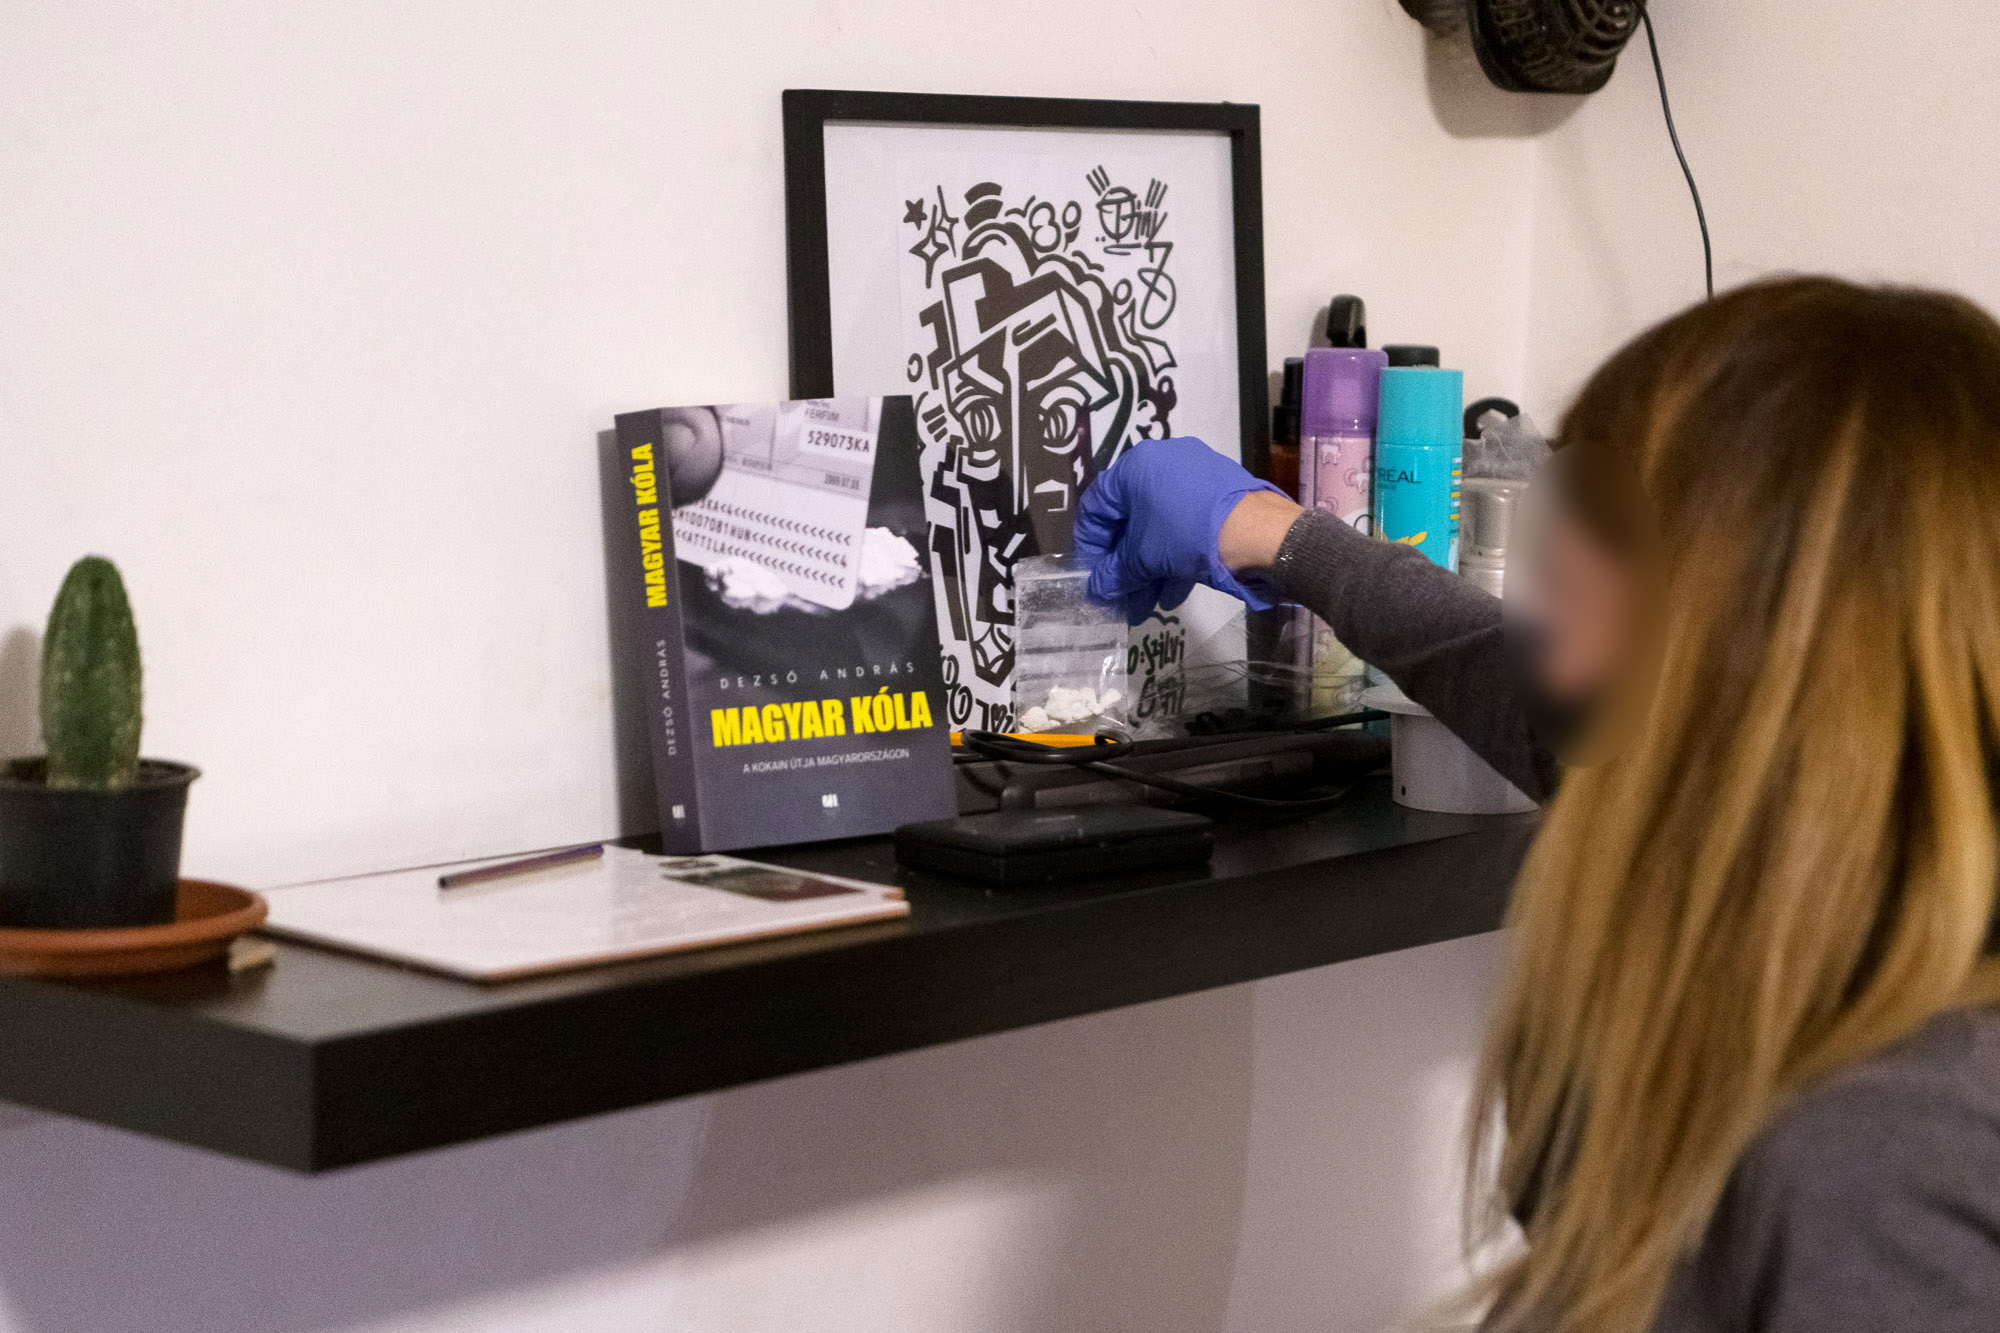 Dezső András kokainos könyvét tanulmányozta a drogterjesztő hálózat, aztán tényleg rájuk törte az ajtót a rendőrség